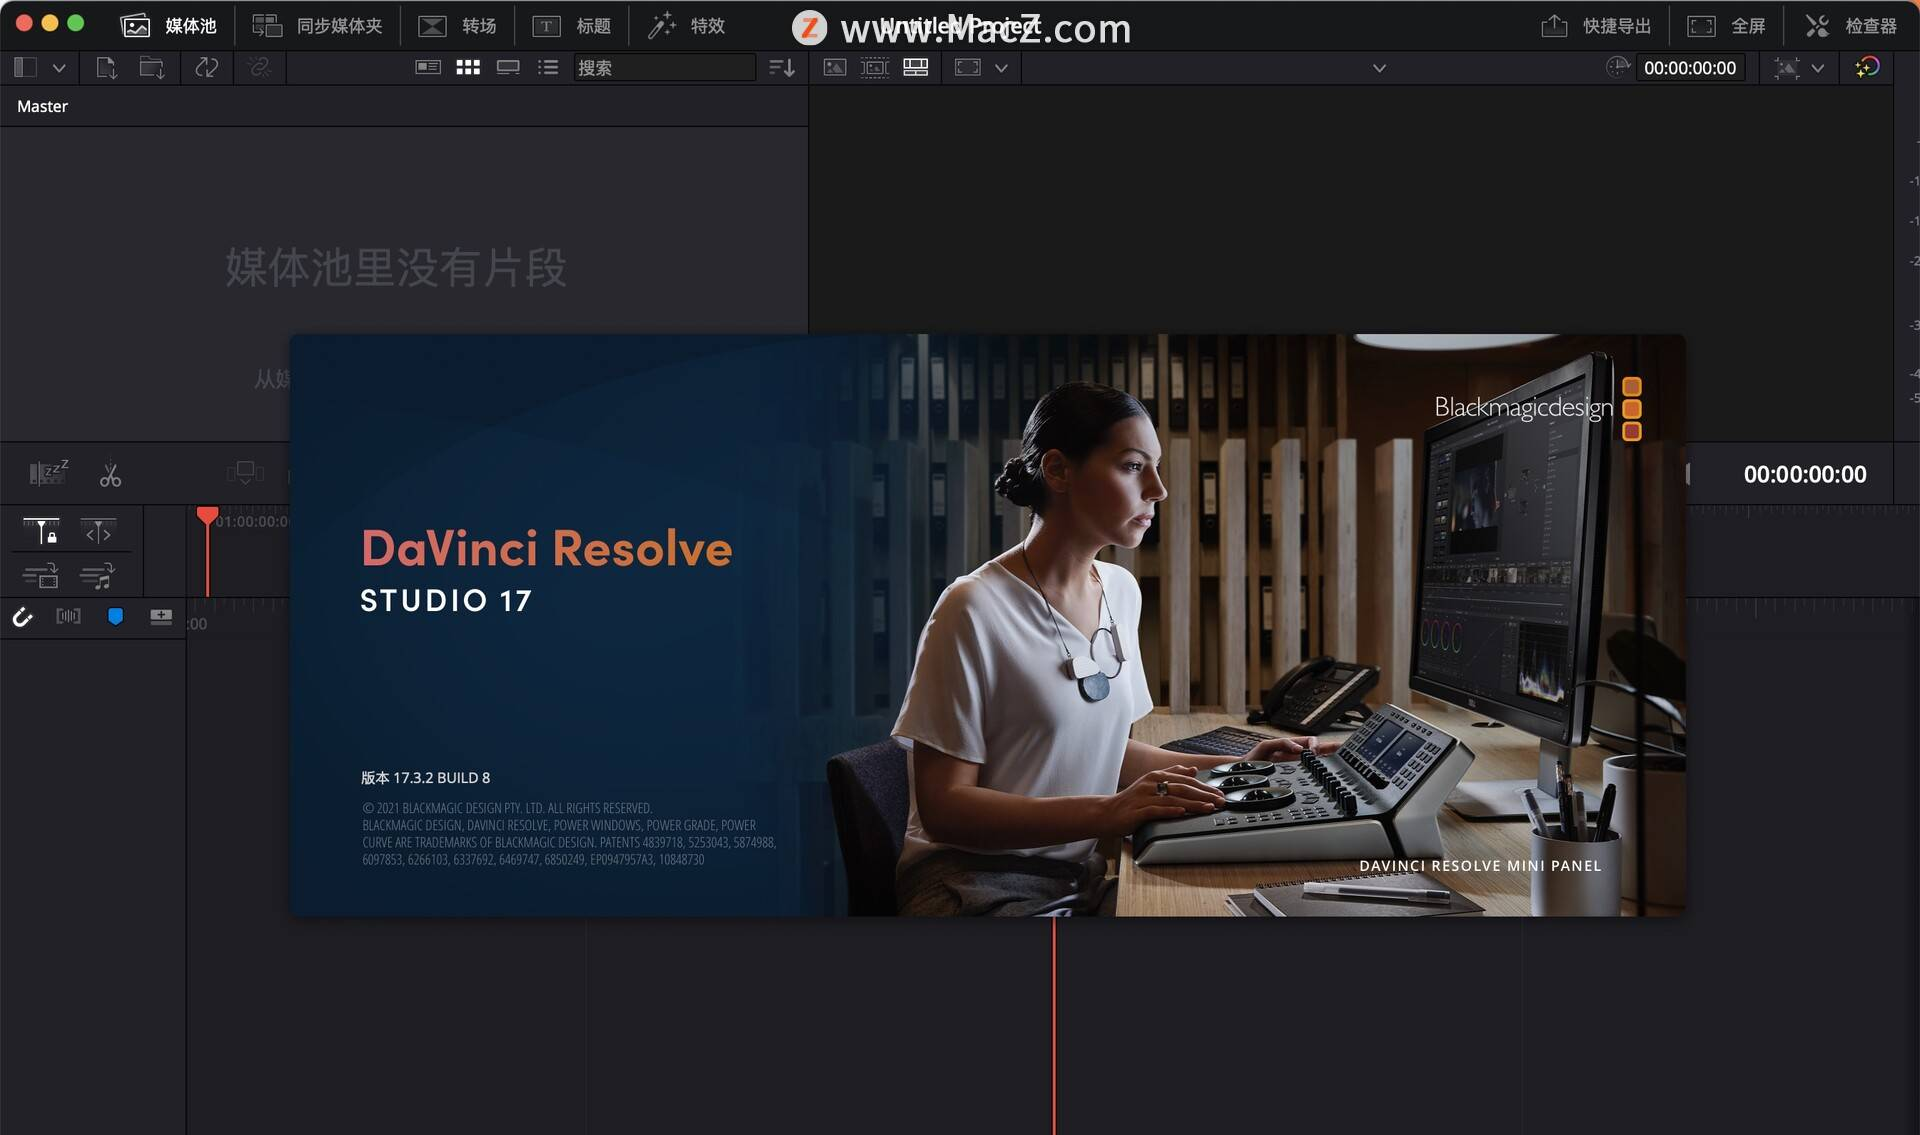 DaVinci Resolve Studio 17 for Mac(達芬奇剪輯調色軟件